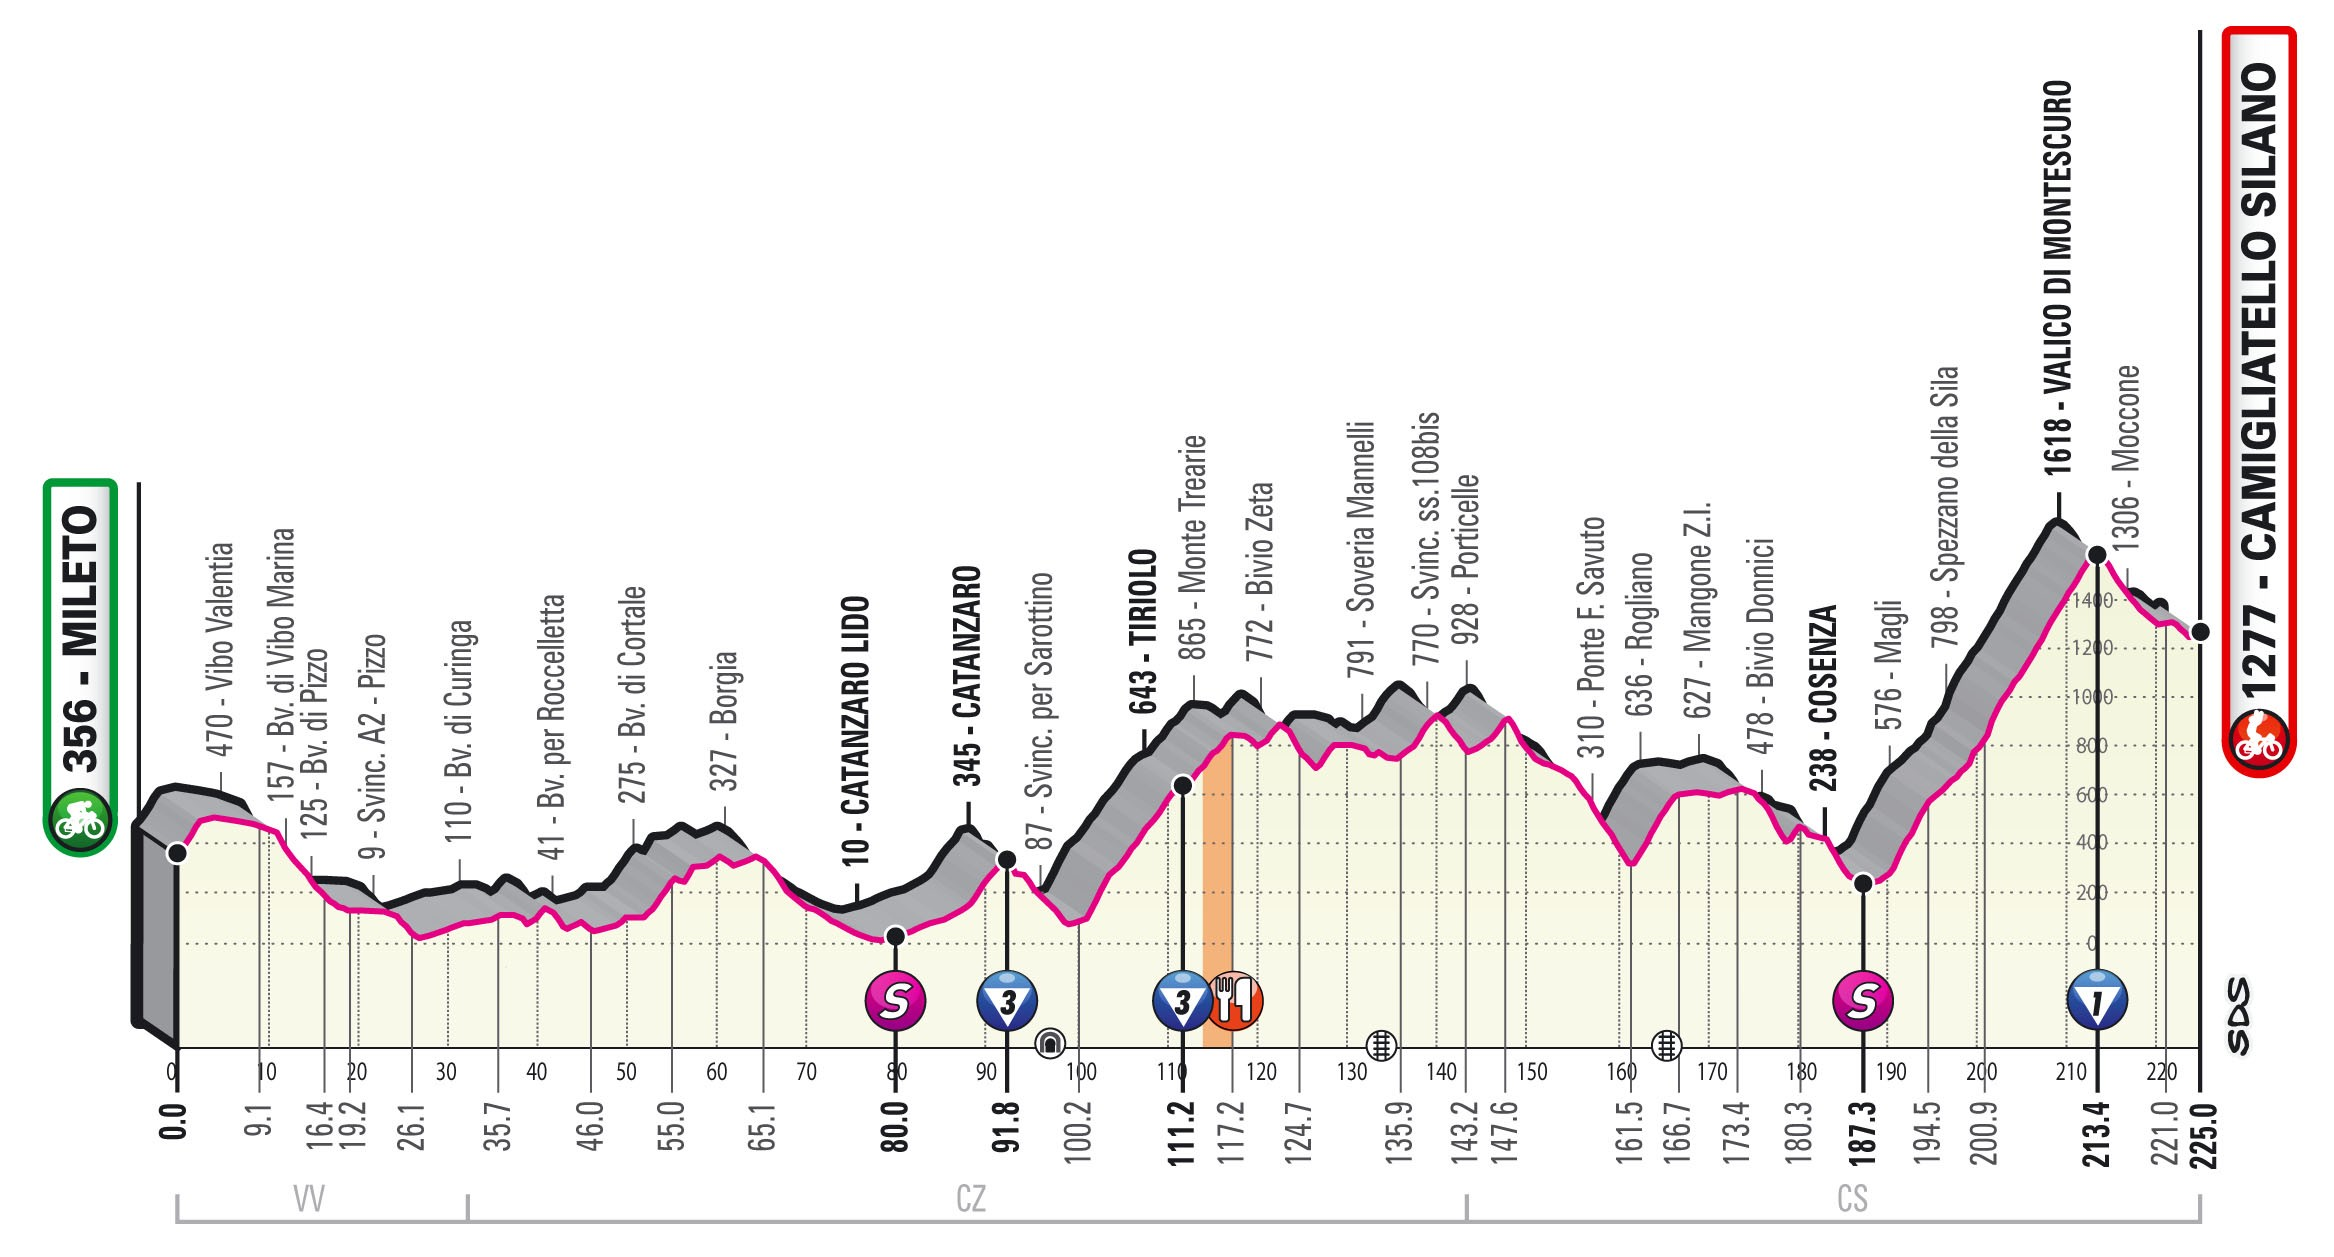 Tour d'Italie: Geraint Thomas chute à cause d'un bidon